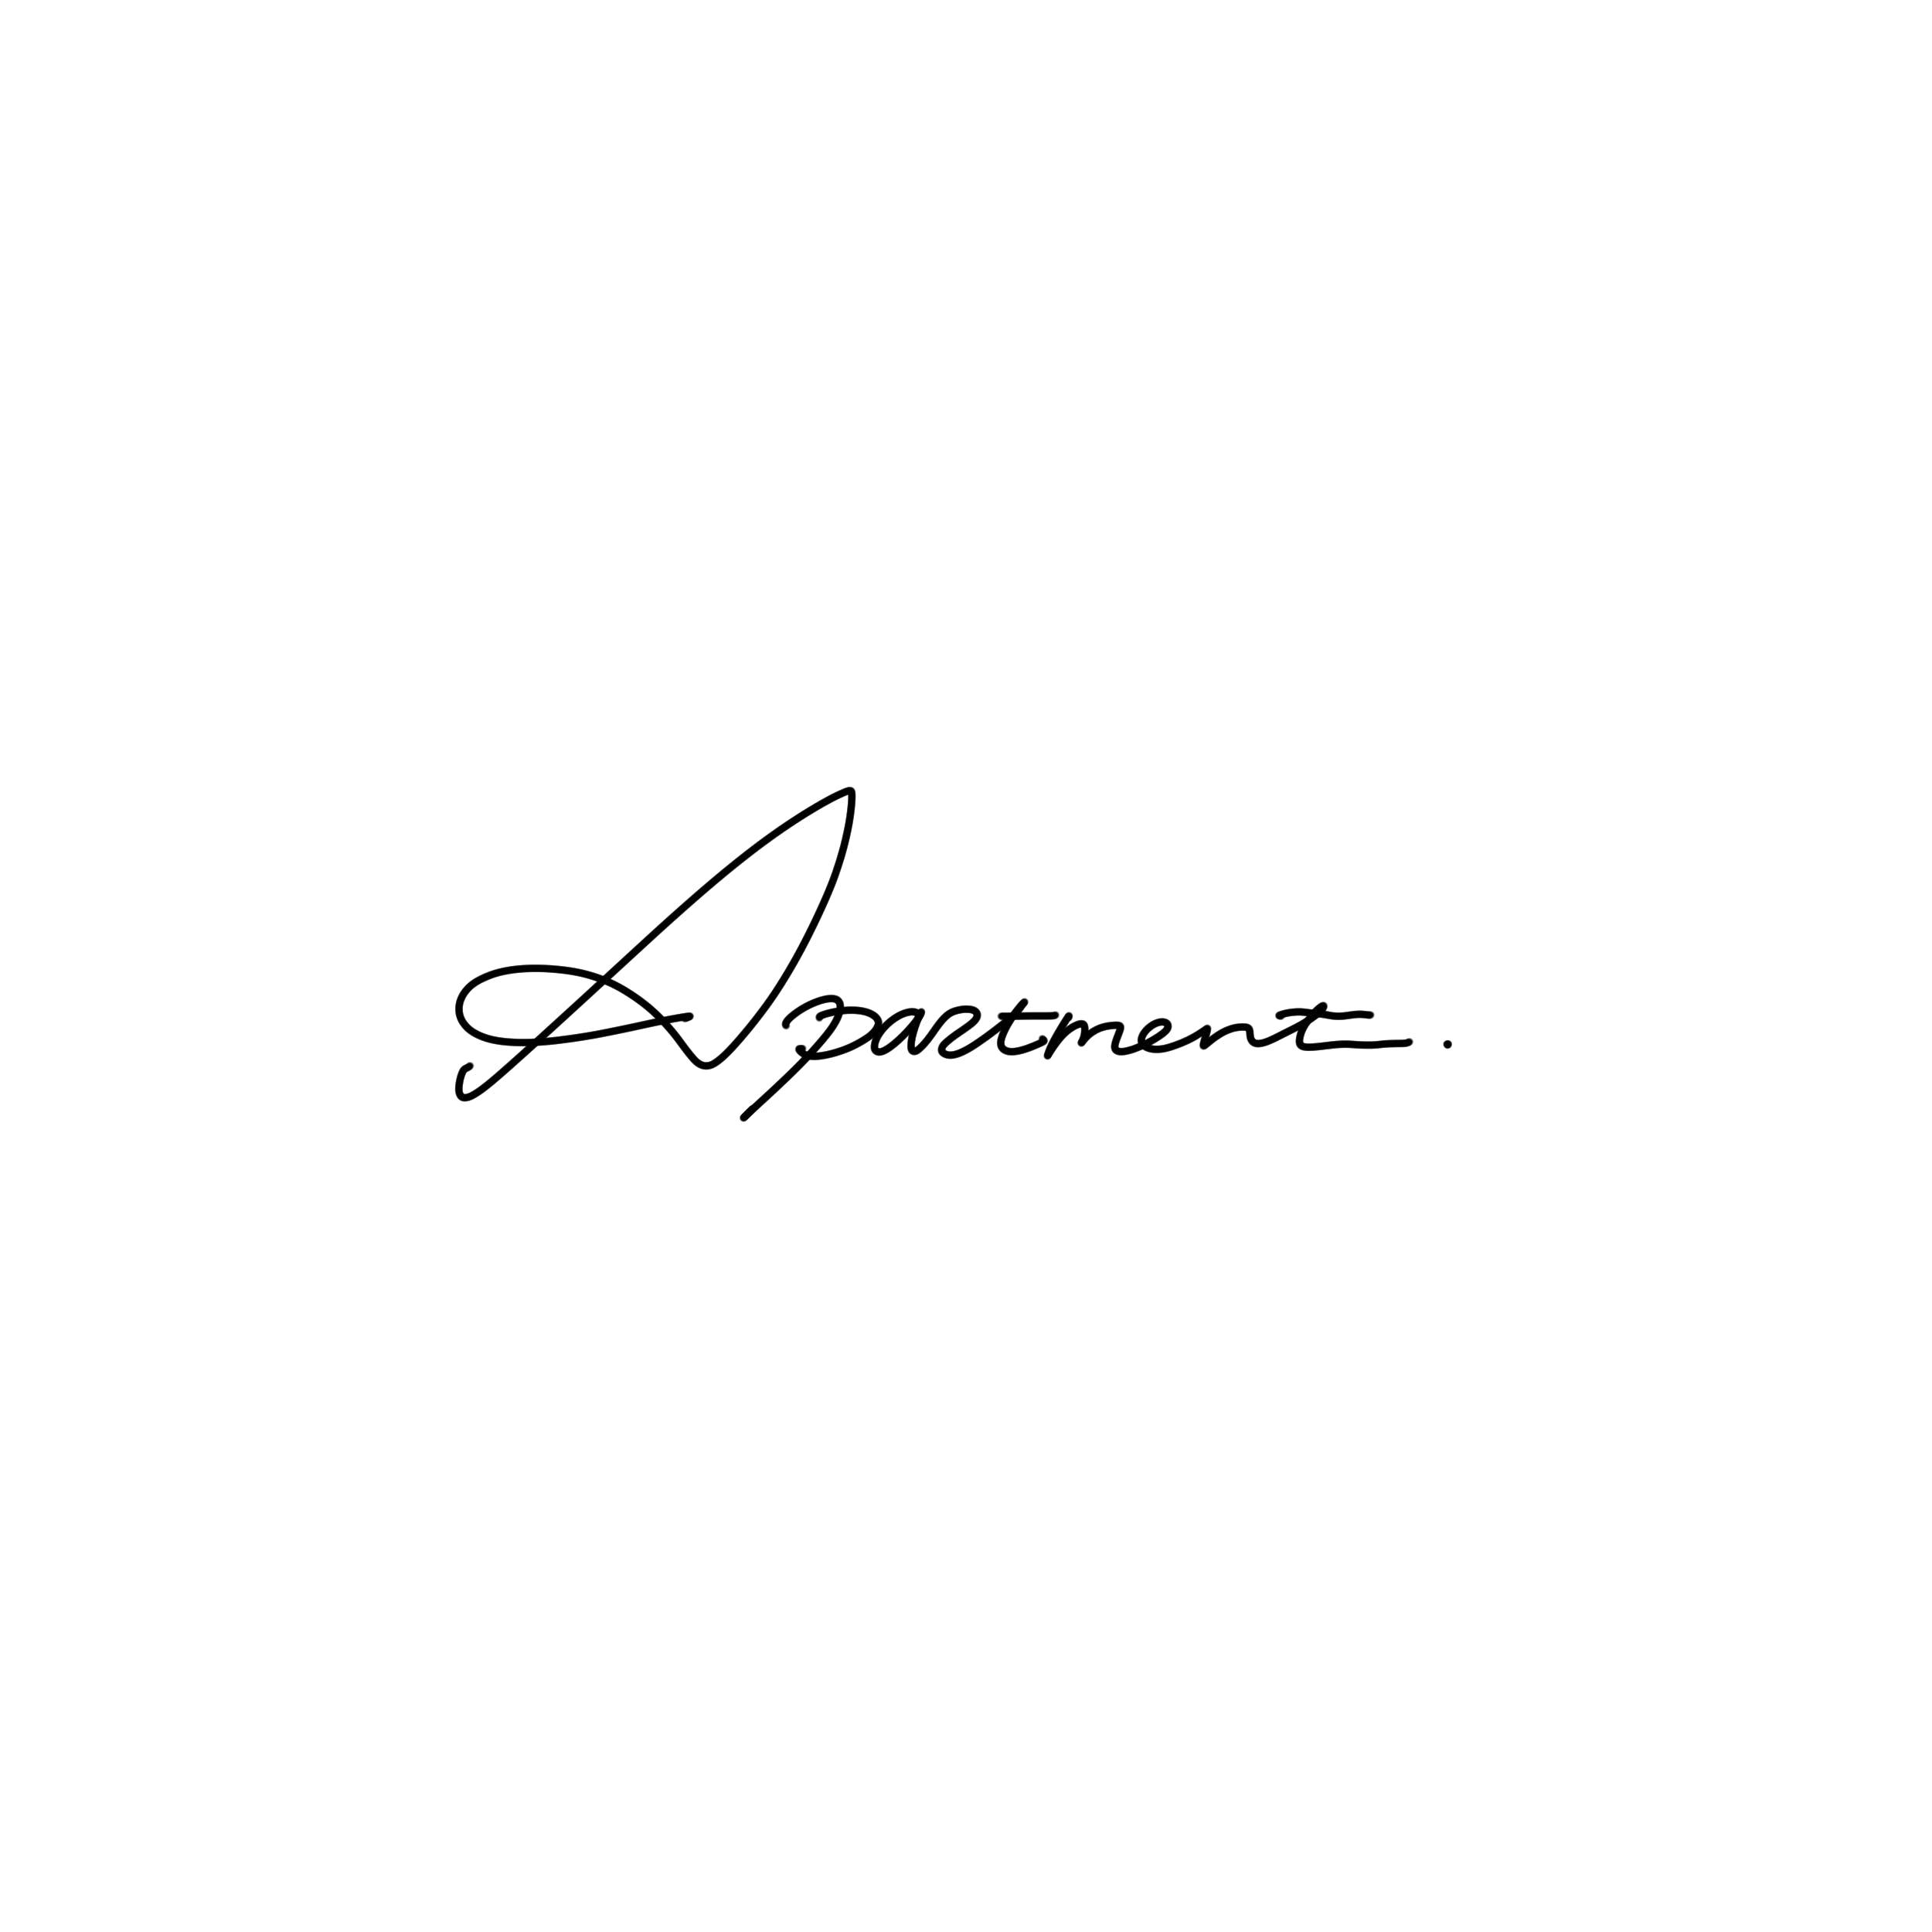 Apartment logo.png?ixlib=rails 2.1